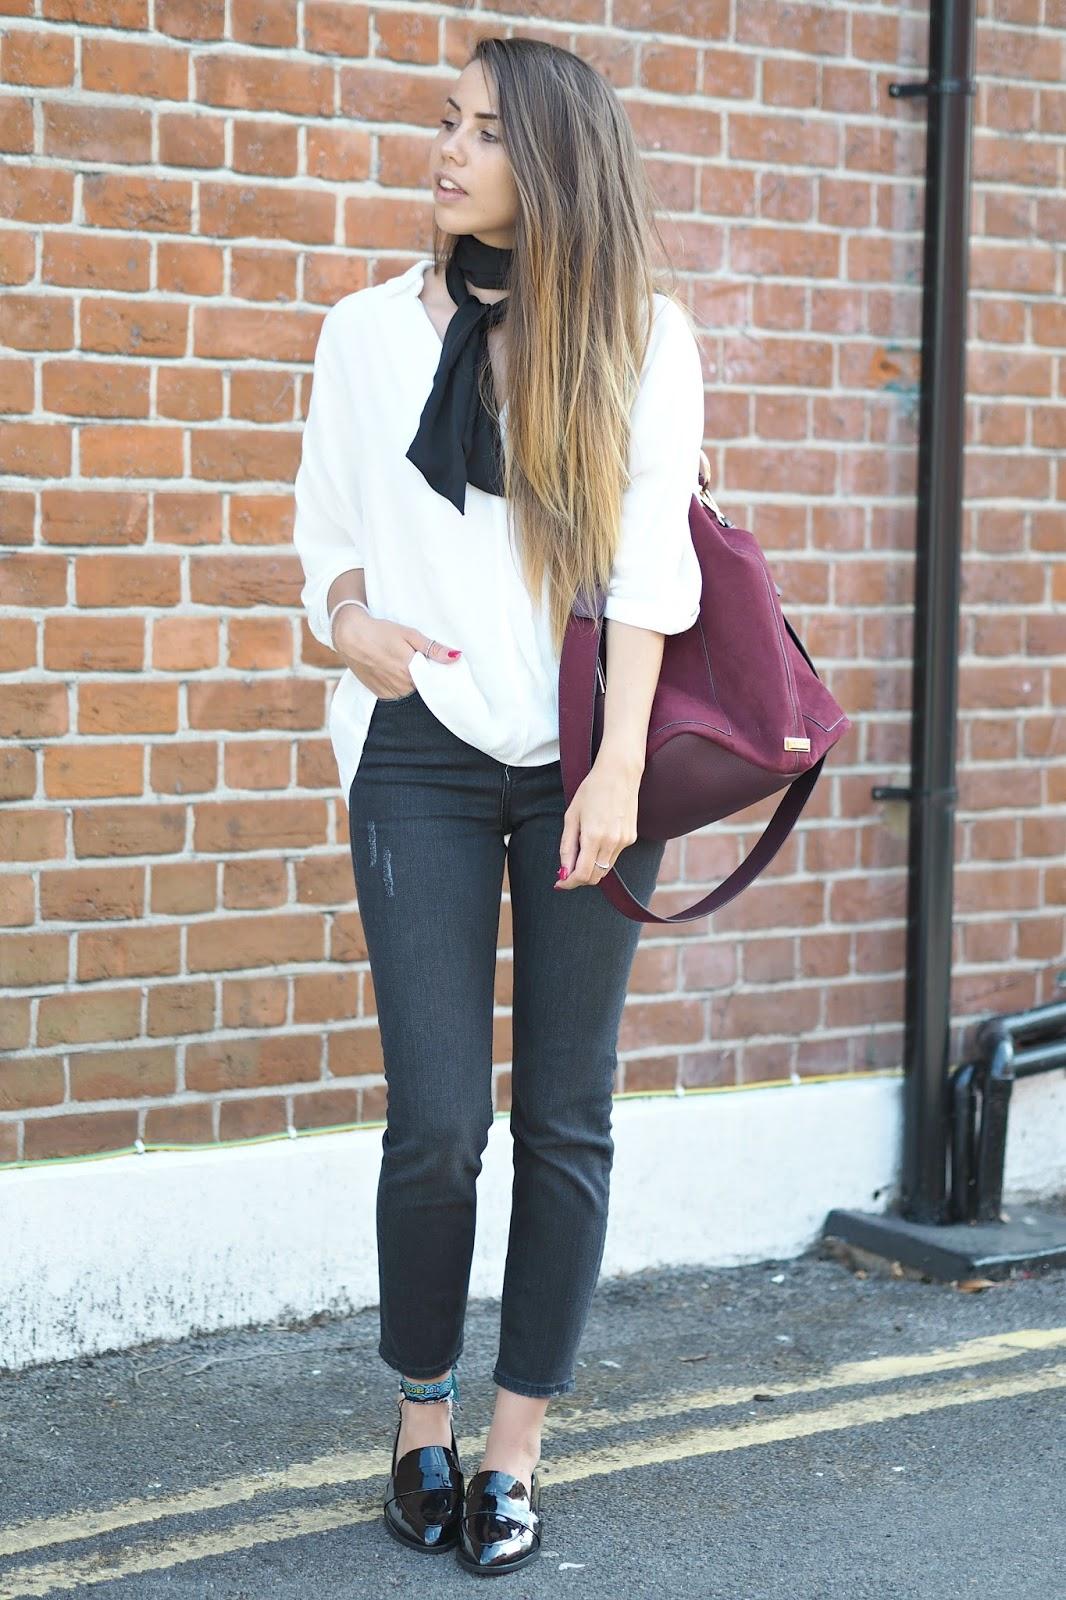 copper garden, top london fashion blogger